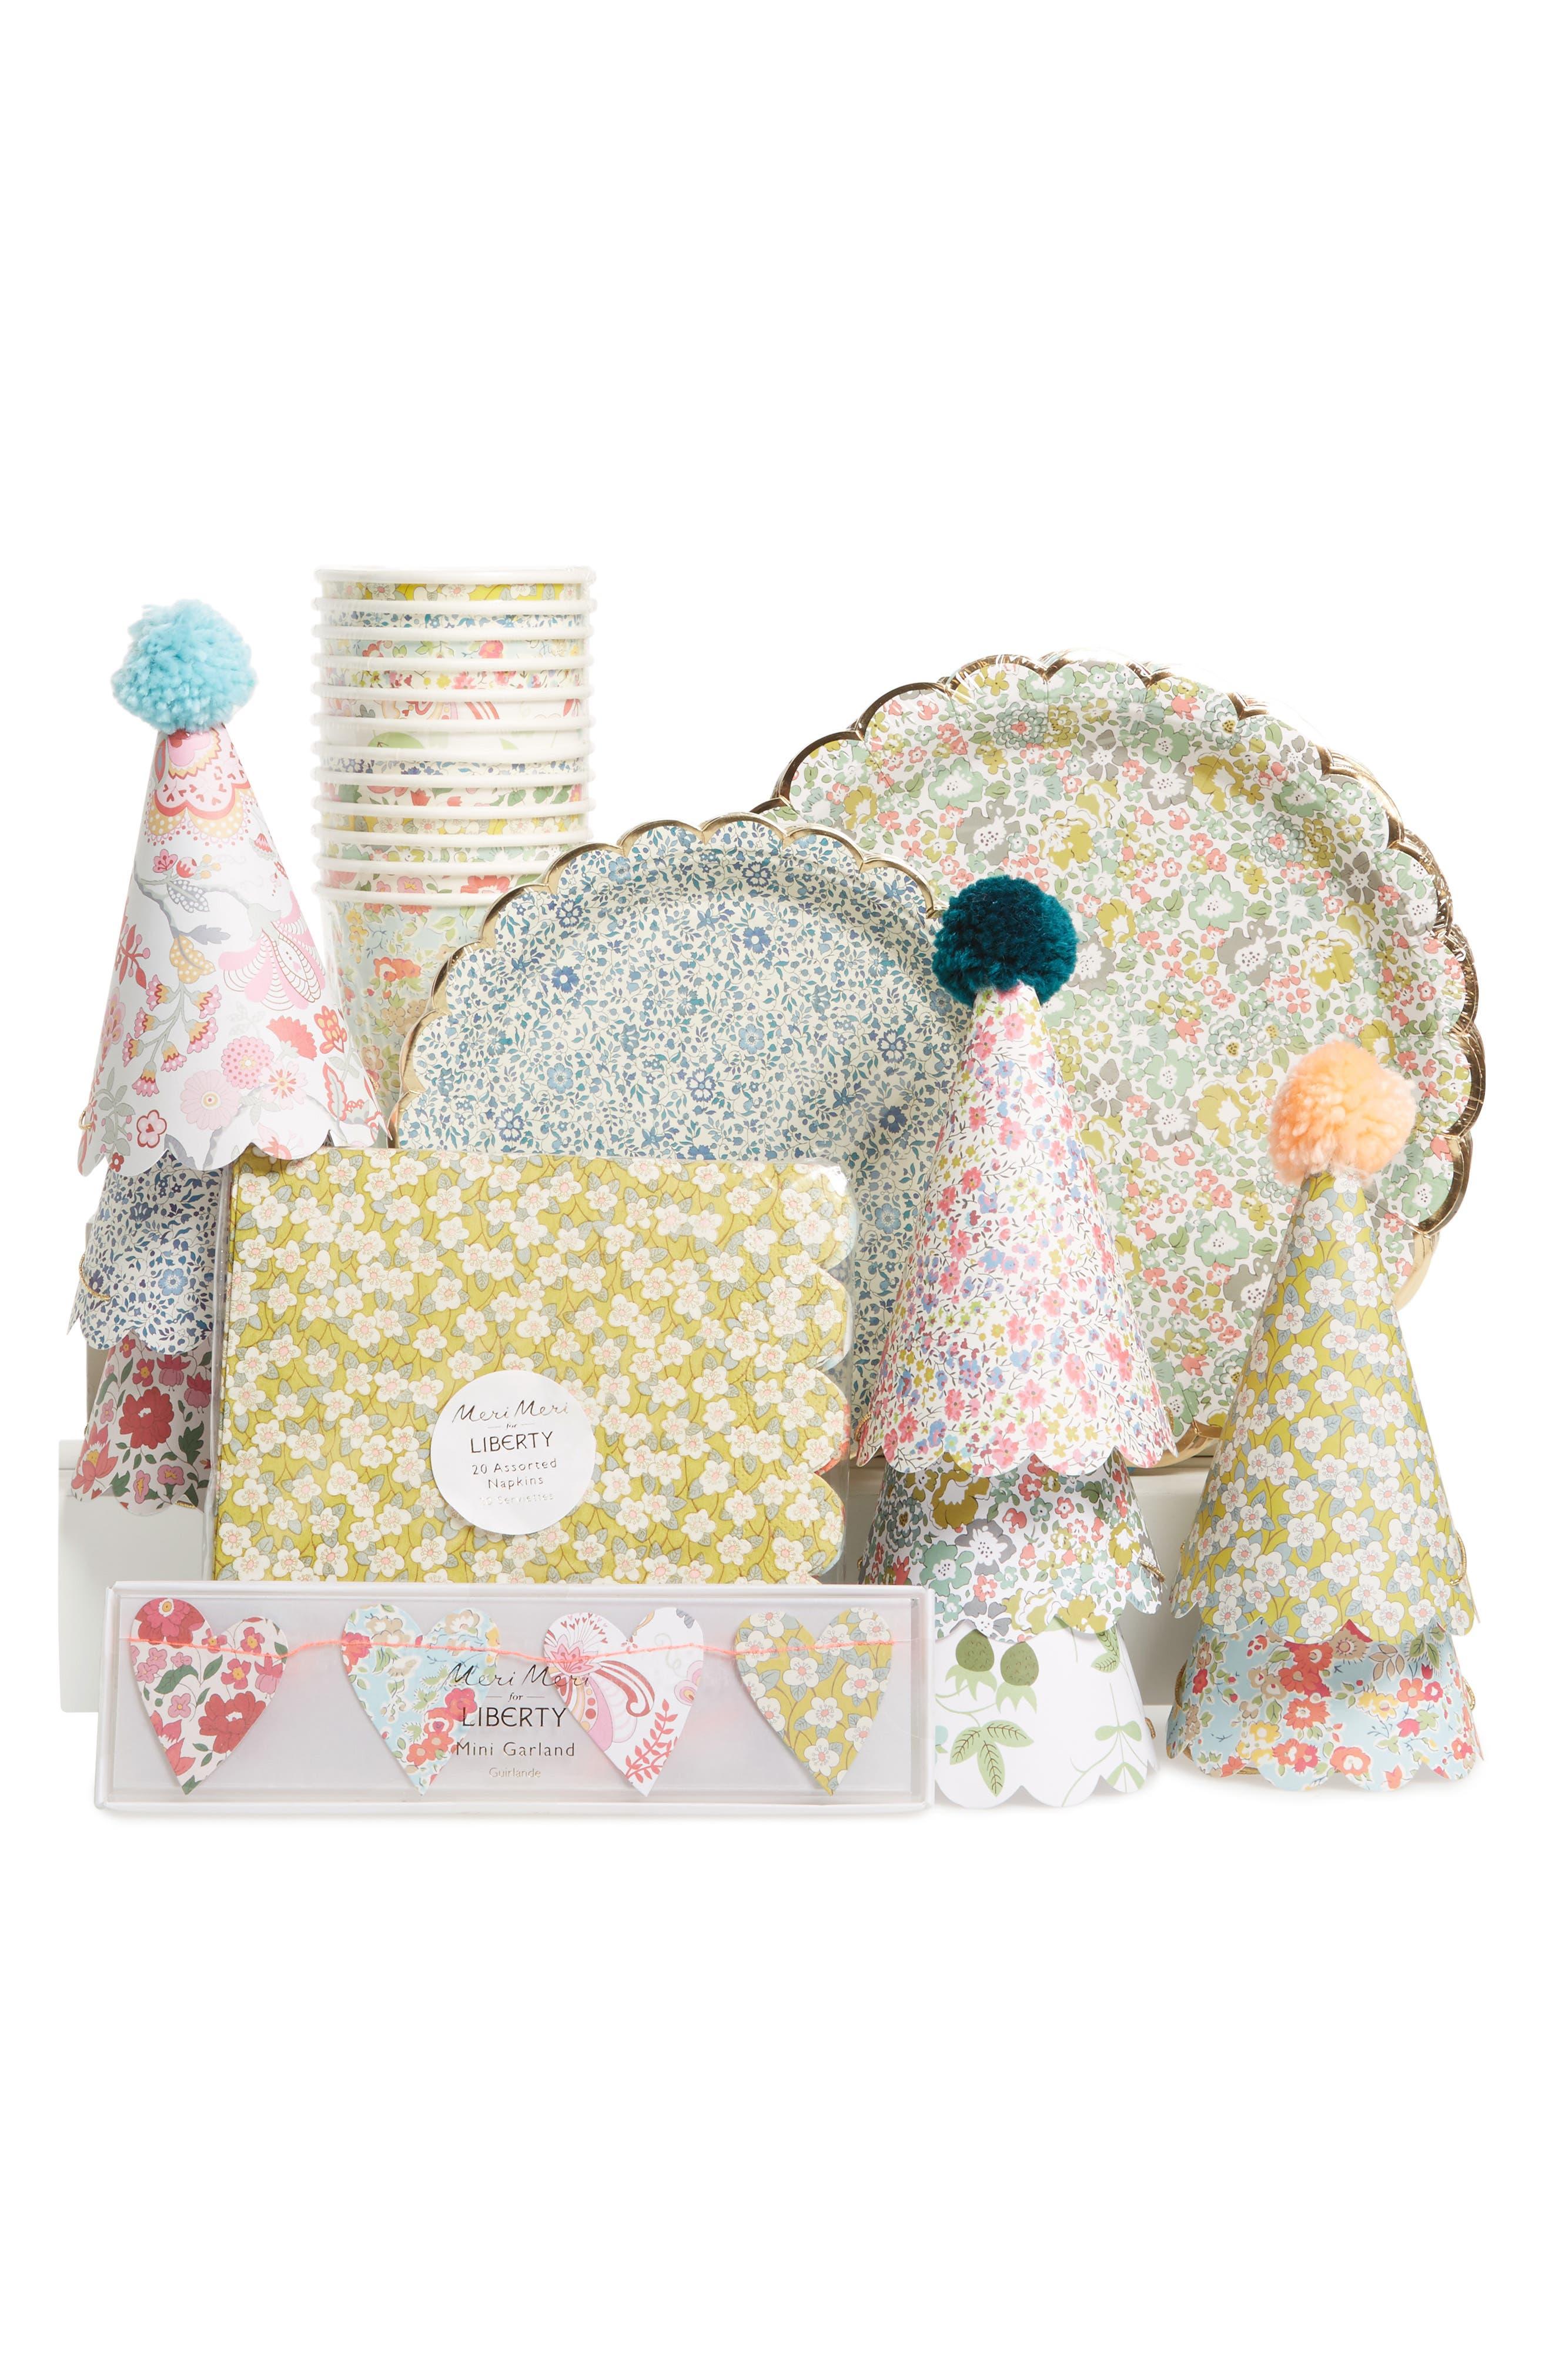 x Liberty Decoration Party Bundle,                         Main,                         color, 100